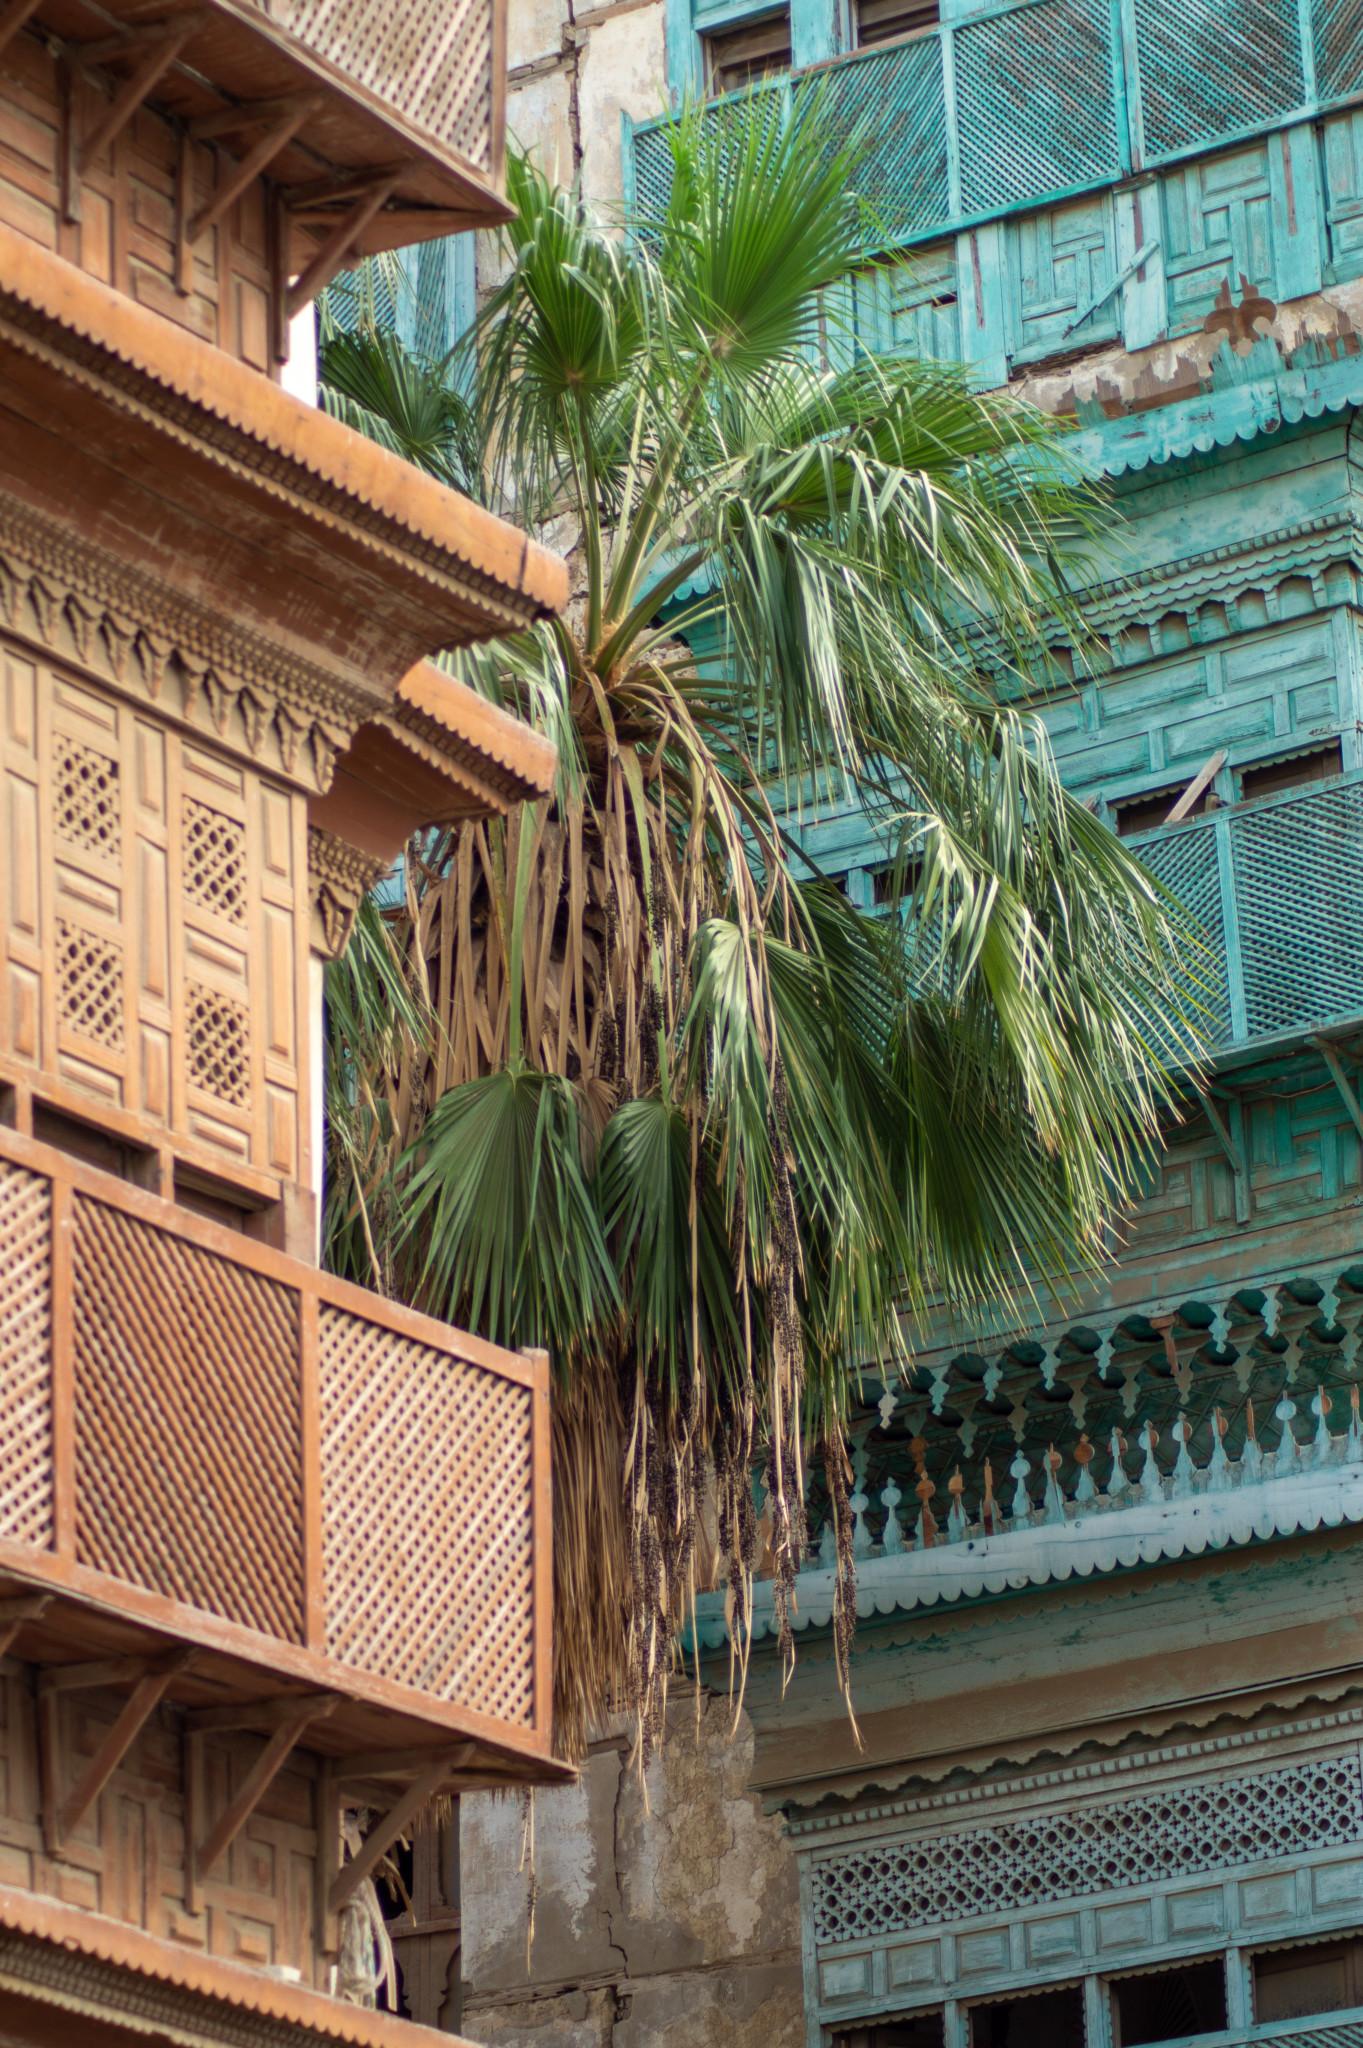 Palmen und hölzerne Details an den Häusern in der Altstadt von Jeddah